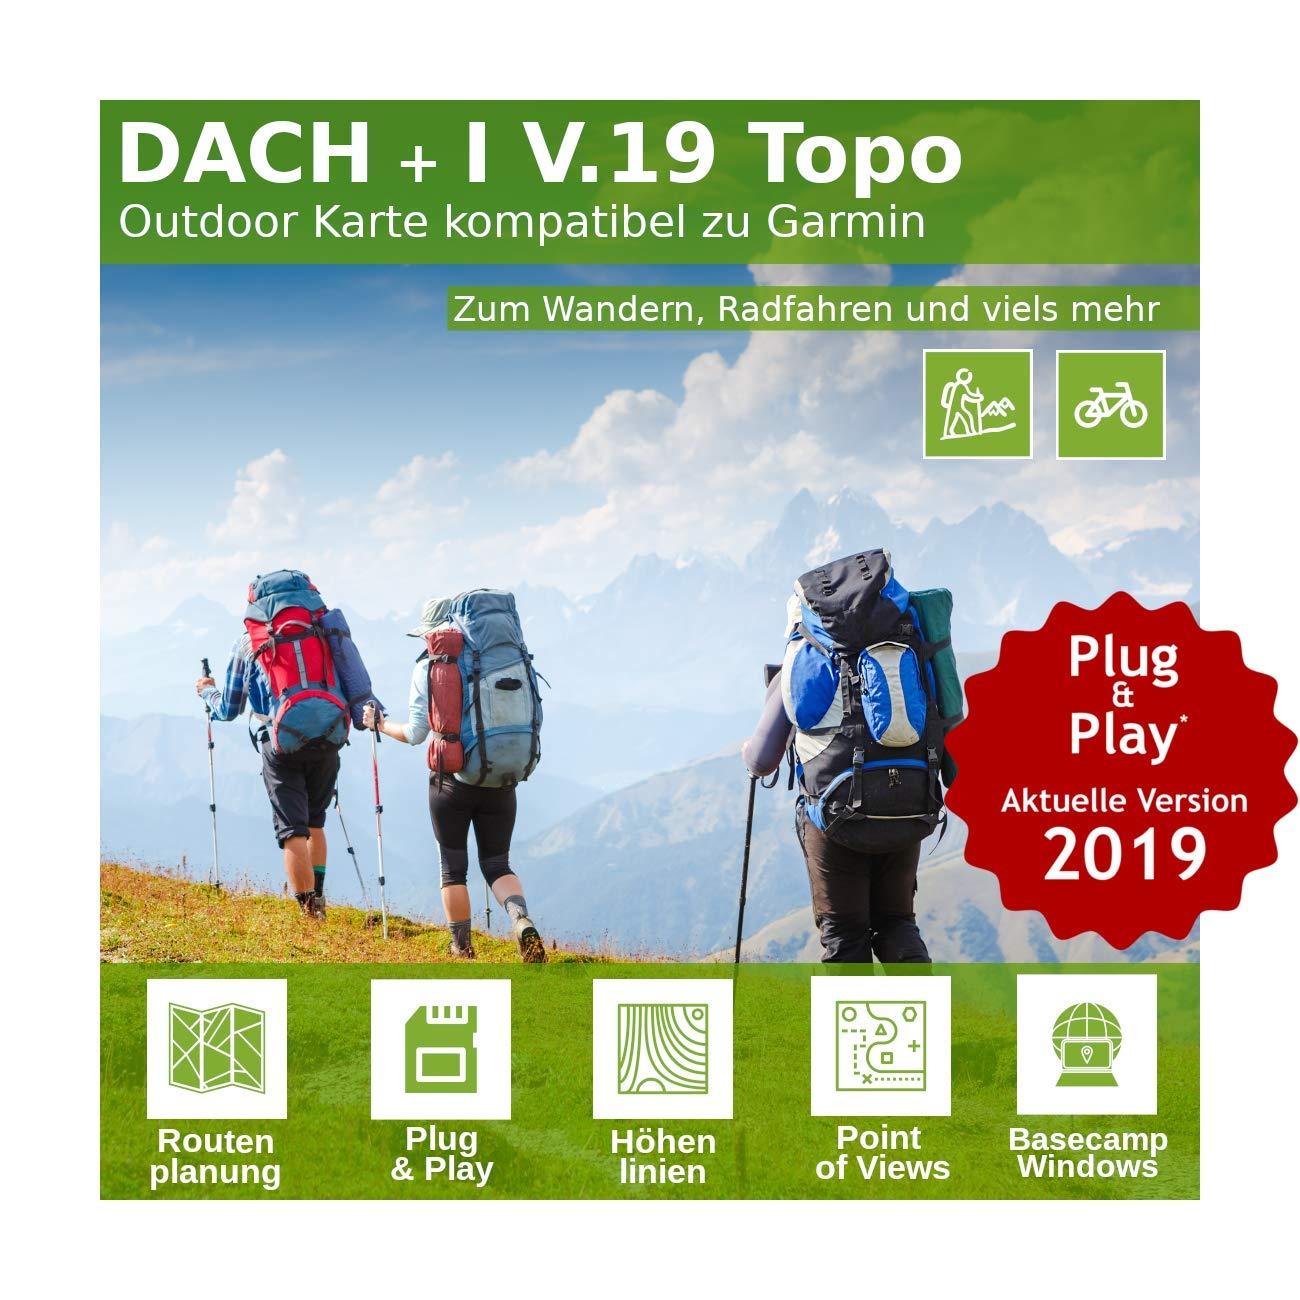 Dach V.19 - Outdoor Topo Karte kompatibel zu Garmin Astro 220, Astro 320 & Alpha 50, Alpha 100